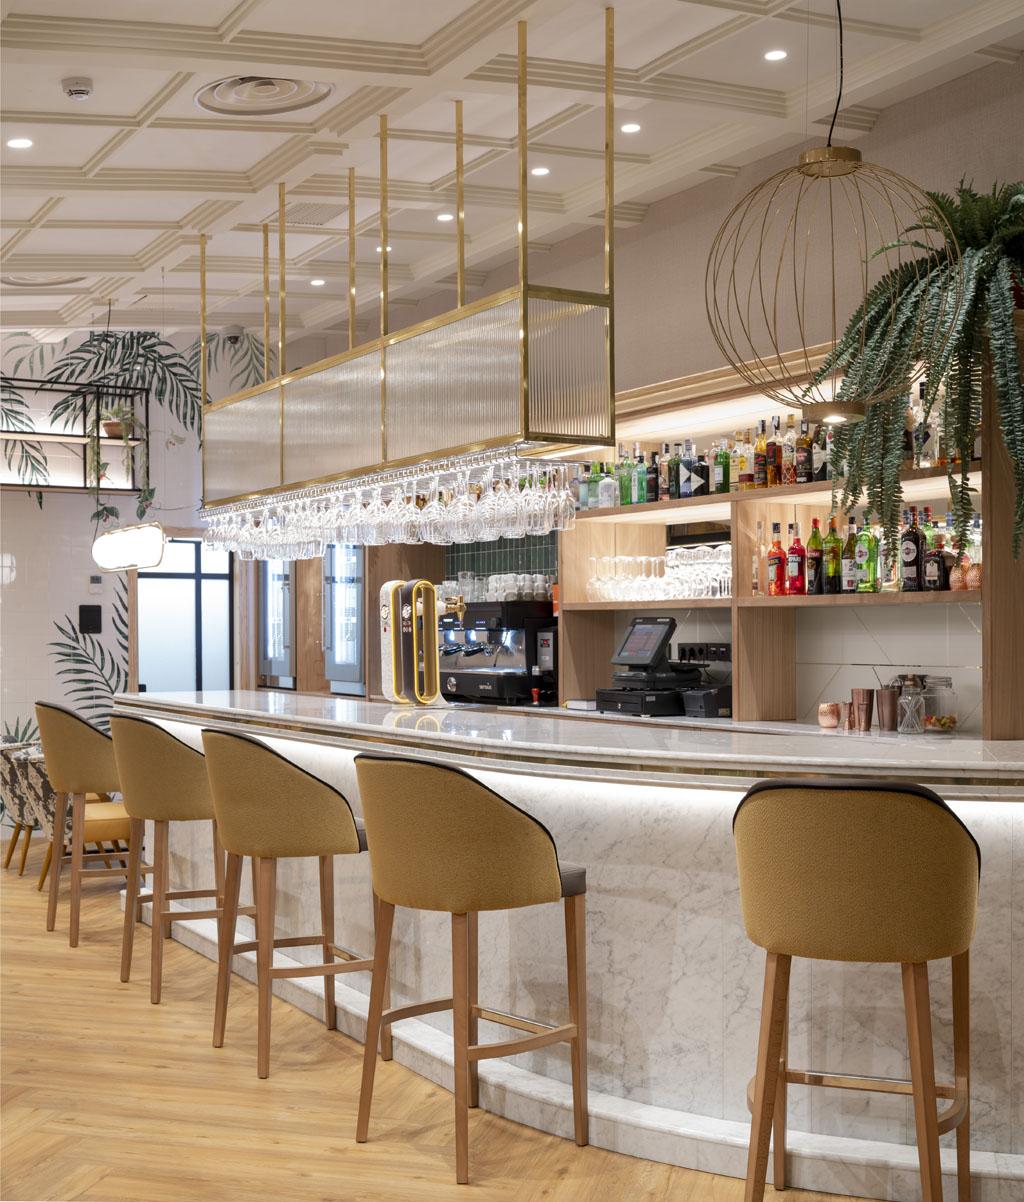 restaurante-vitoria-interiorismo-barra